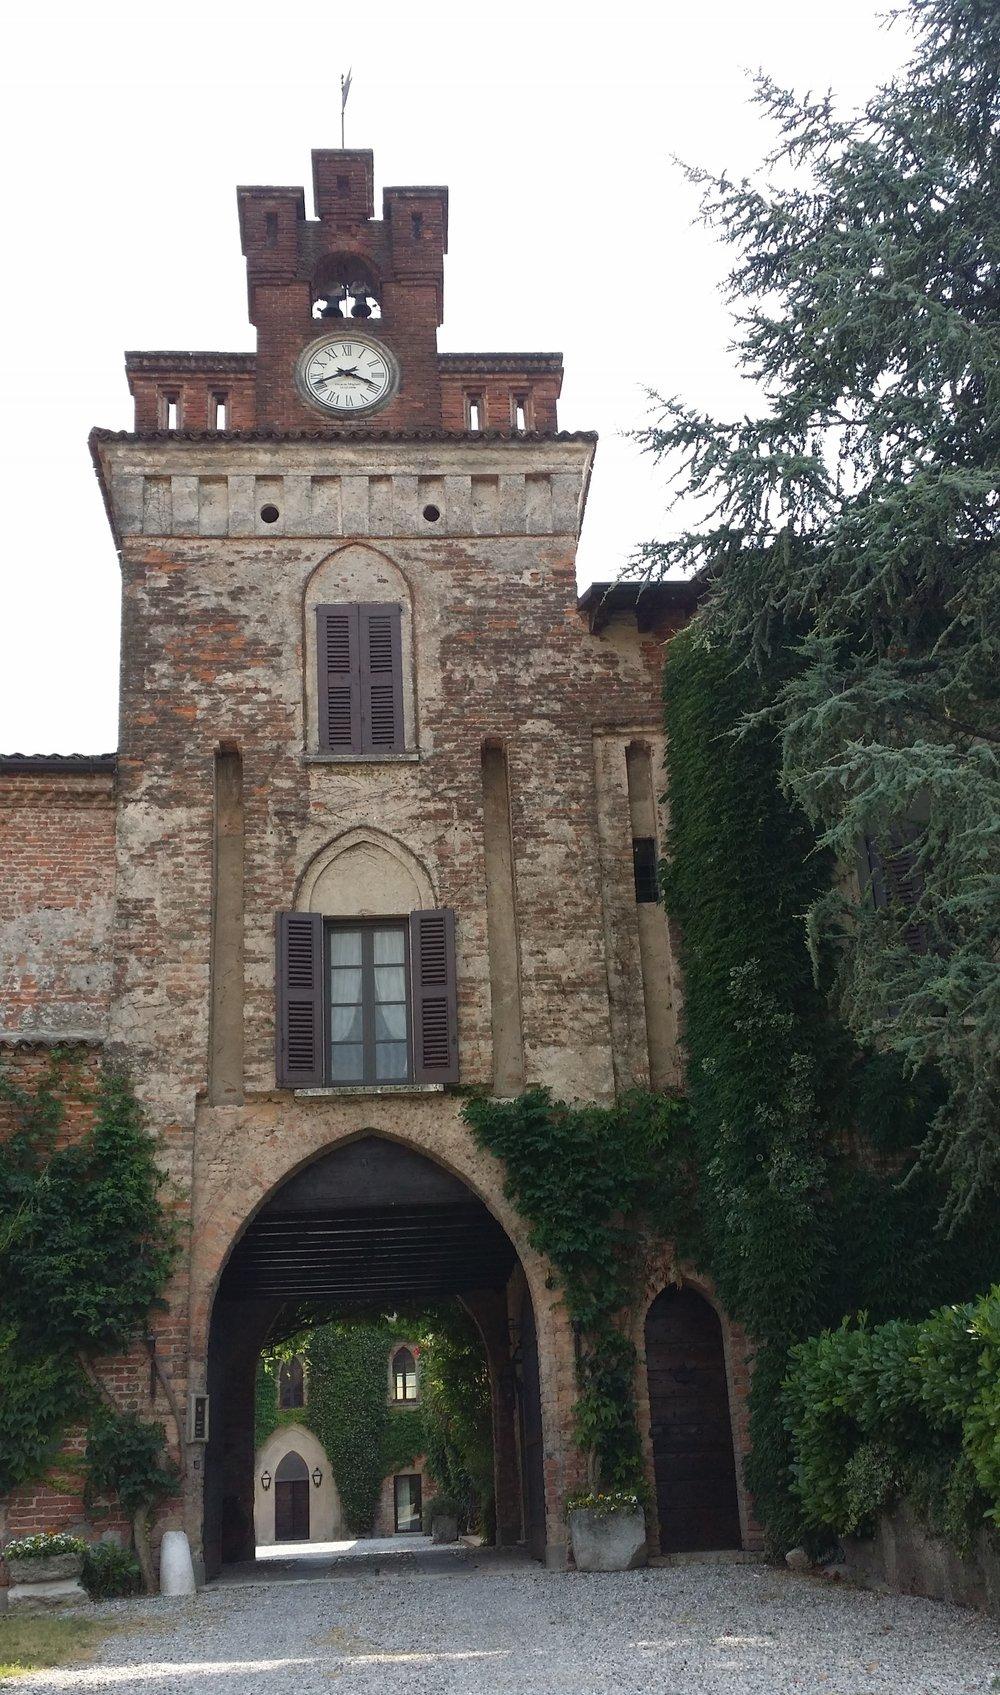 Torre con orologio, e androne sottostante che da' accesso alla corte interna